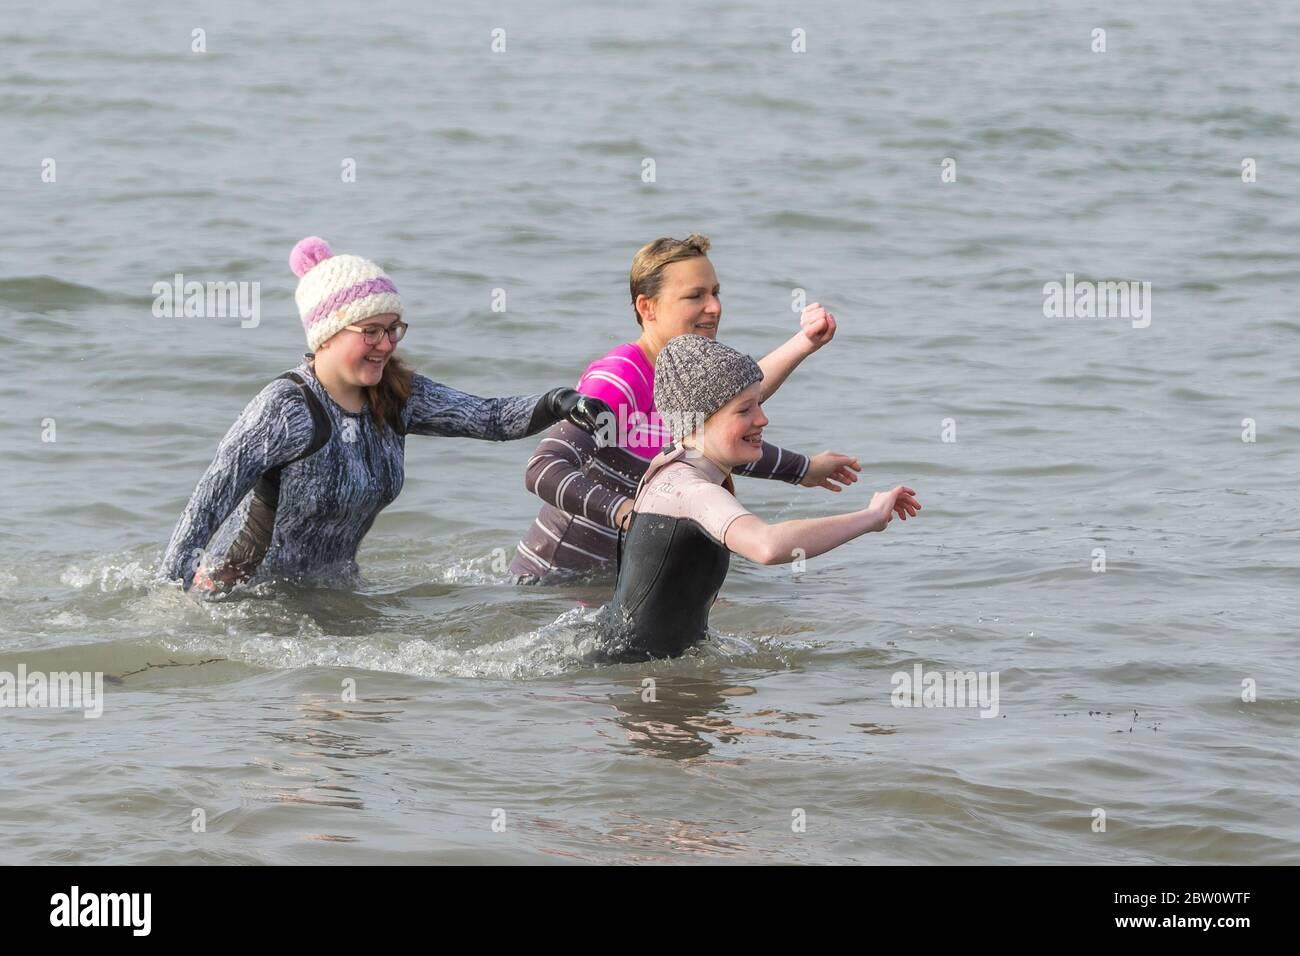 Baden mit gehen kleidung ins Wasser